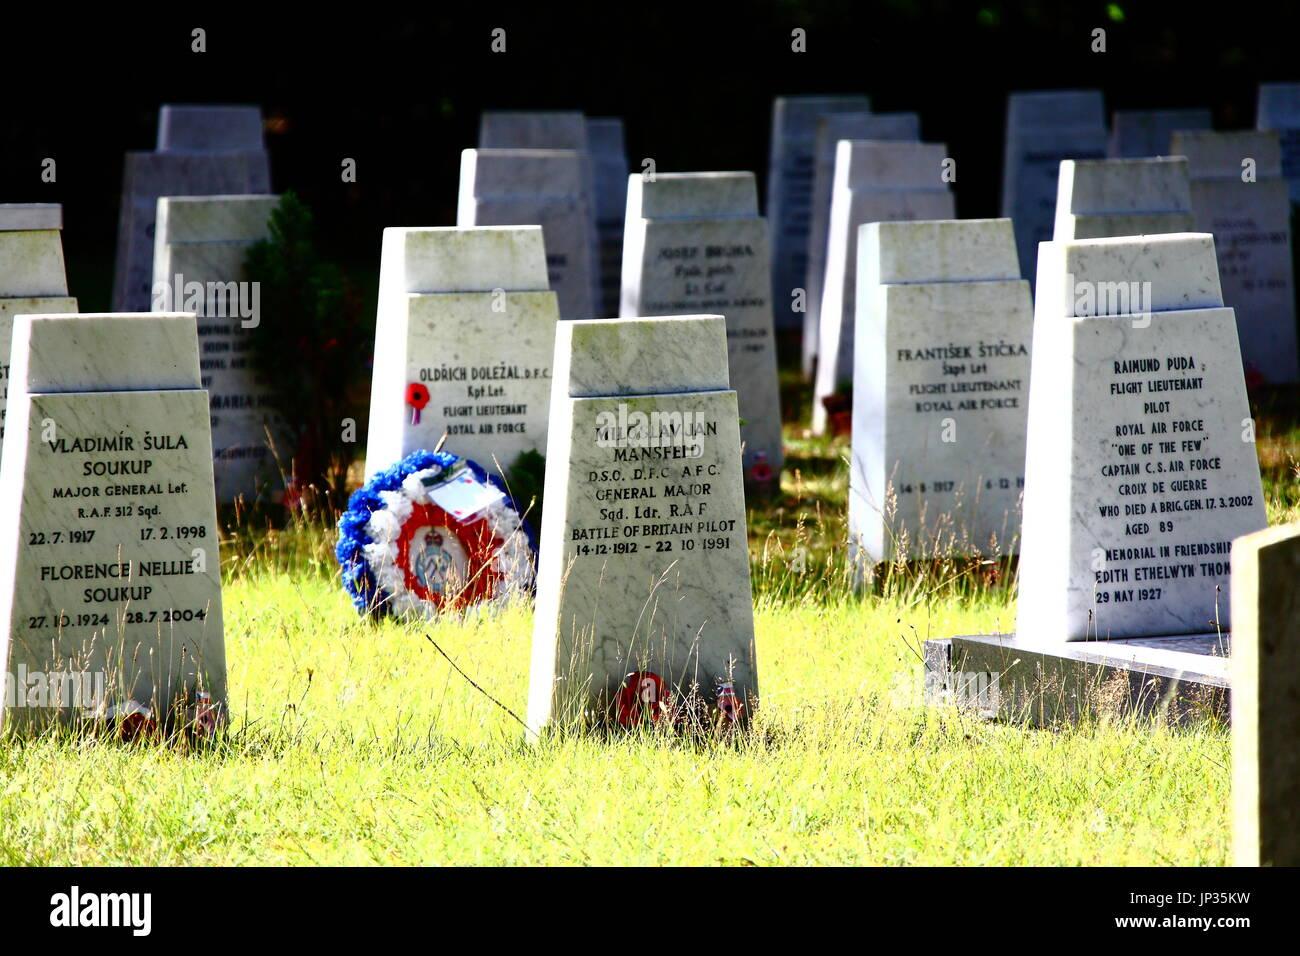 Brookwood Cemetery und Soldatenfriedhof, auch bekannt als London Nekropole, in Surrey. Der größte Friedhof im Vereinigten Königreich gegründet 1852. Stockbild